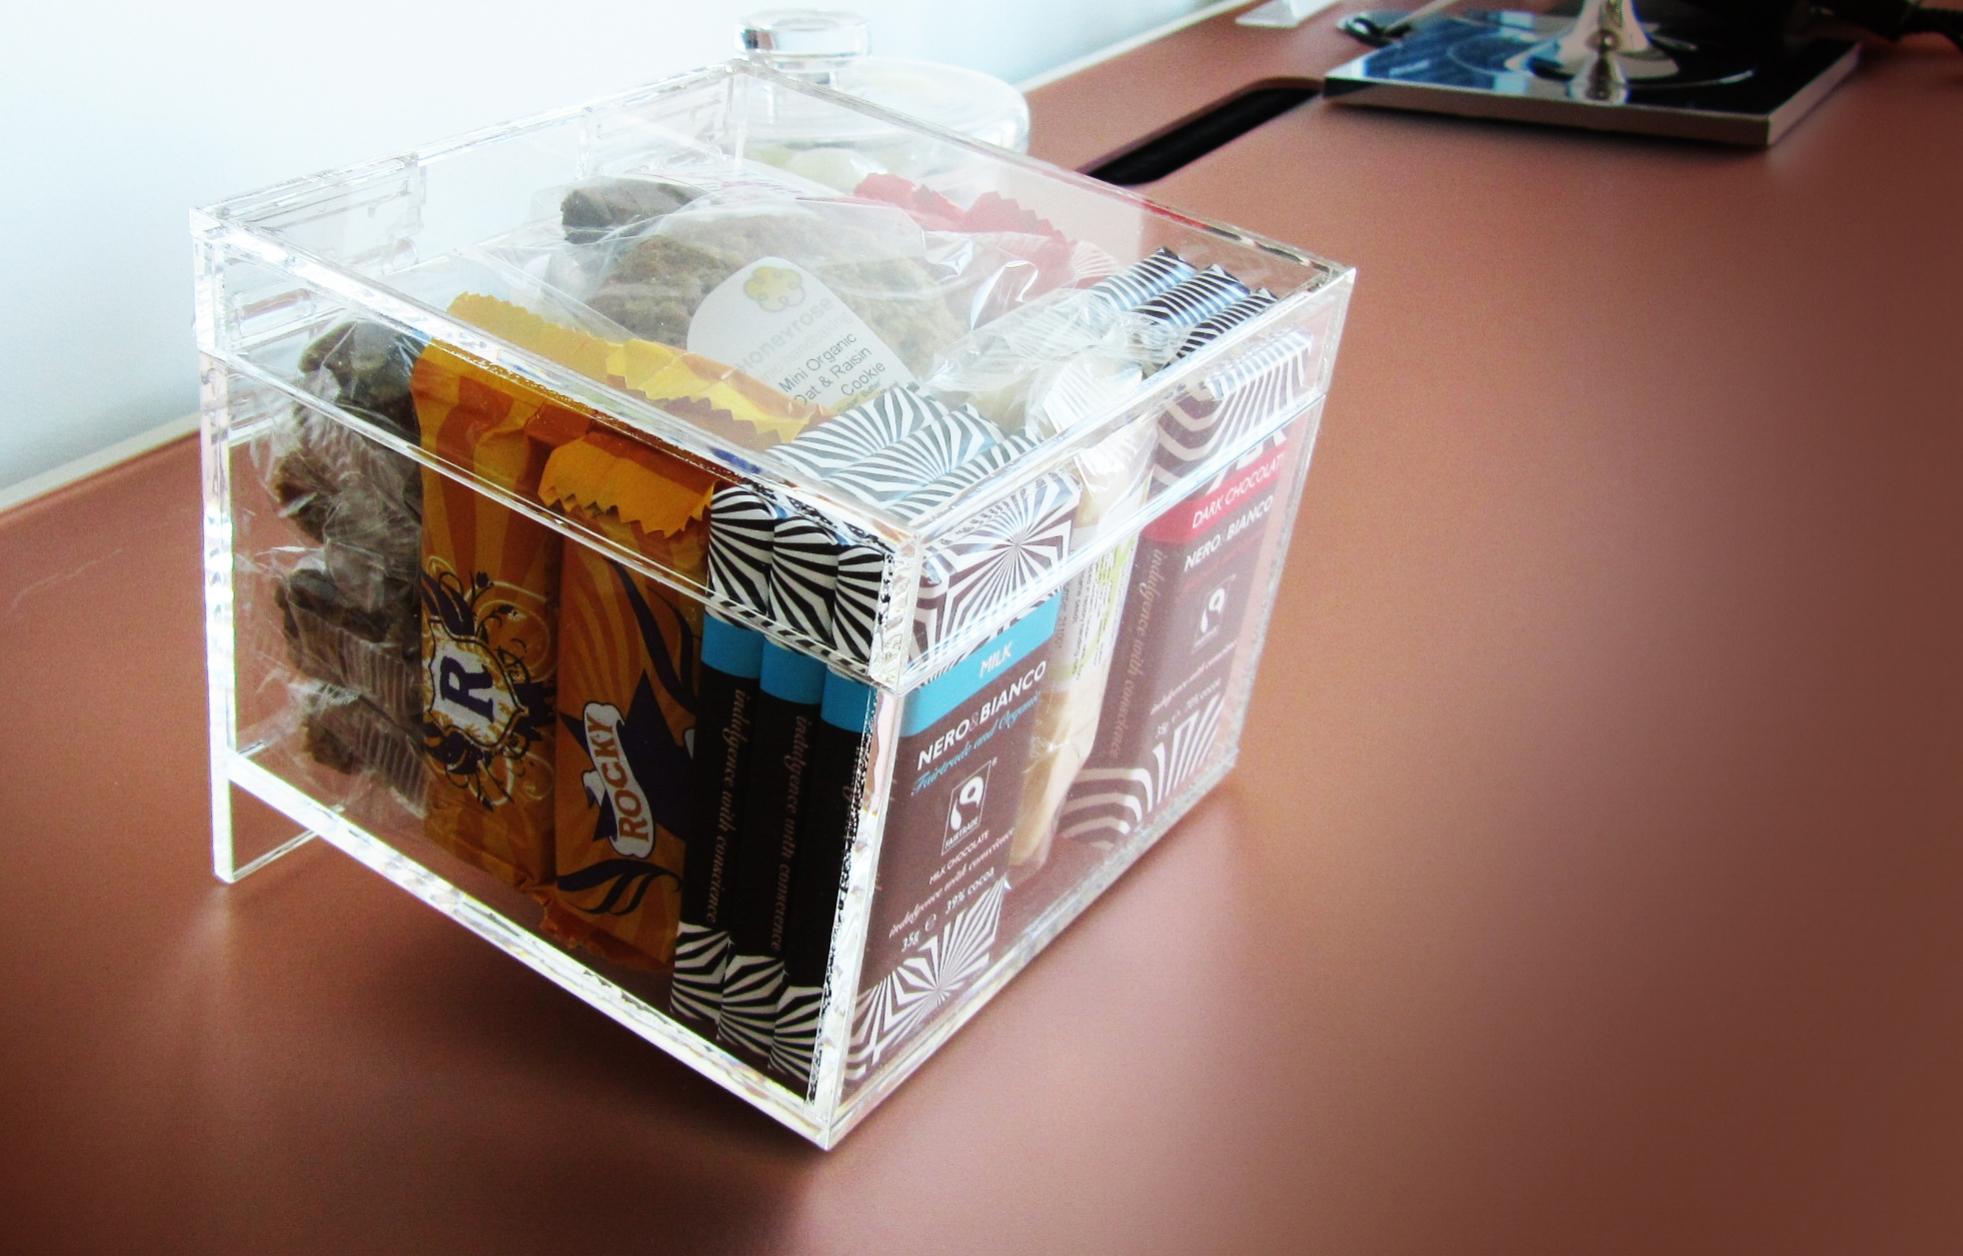 Biscuite Box.jpg